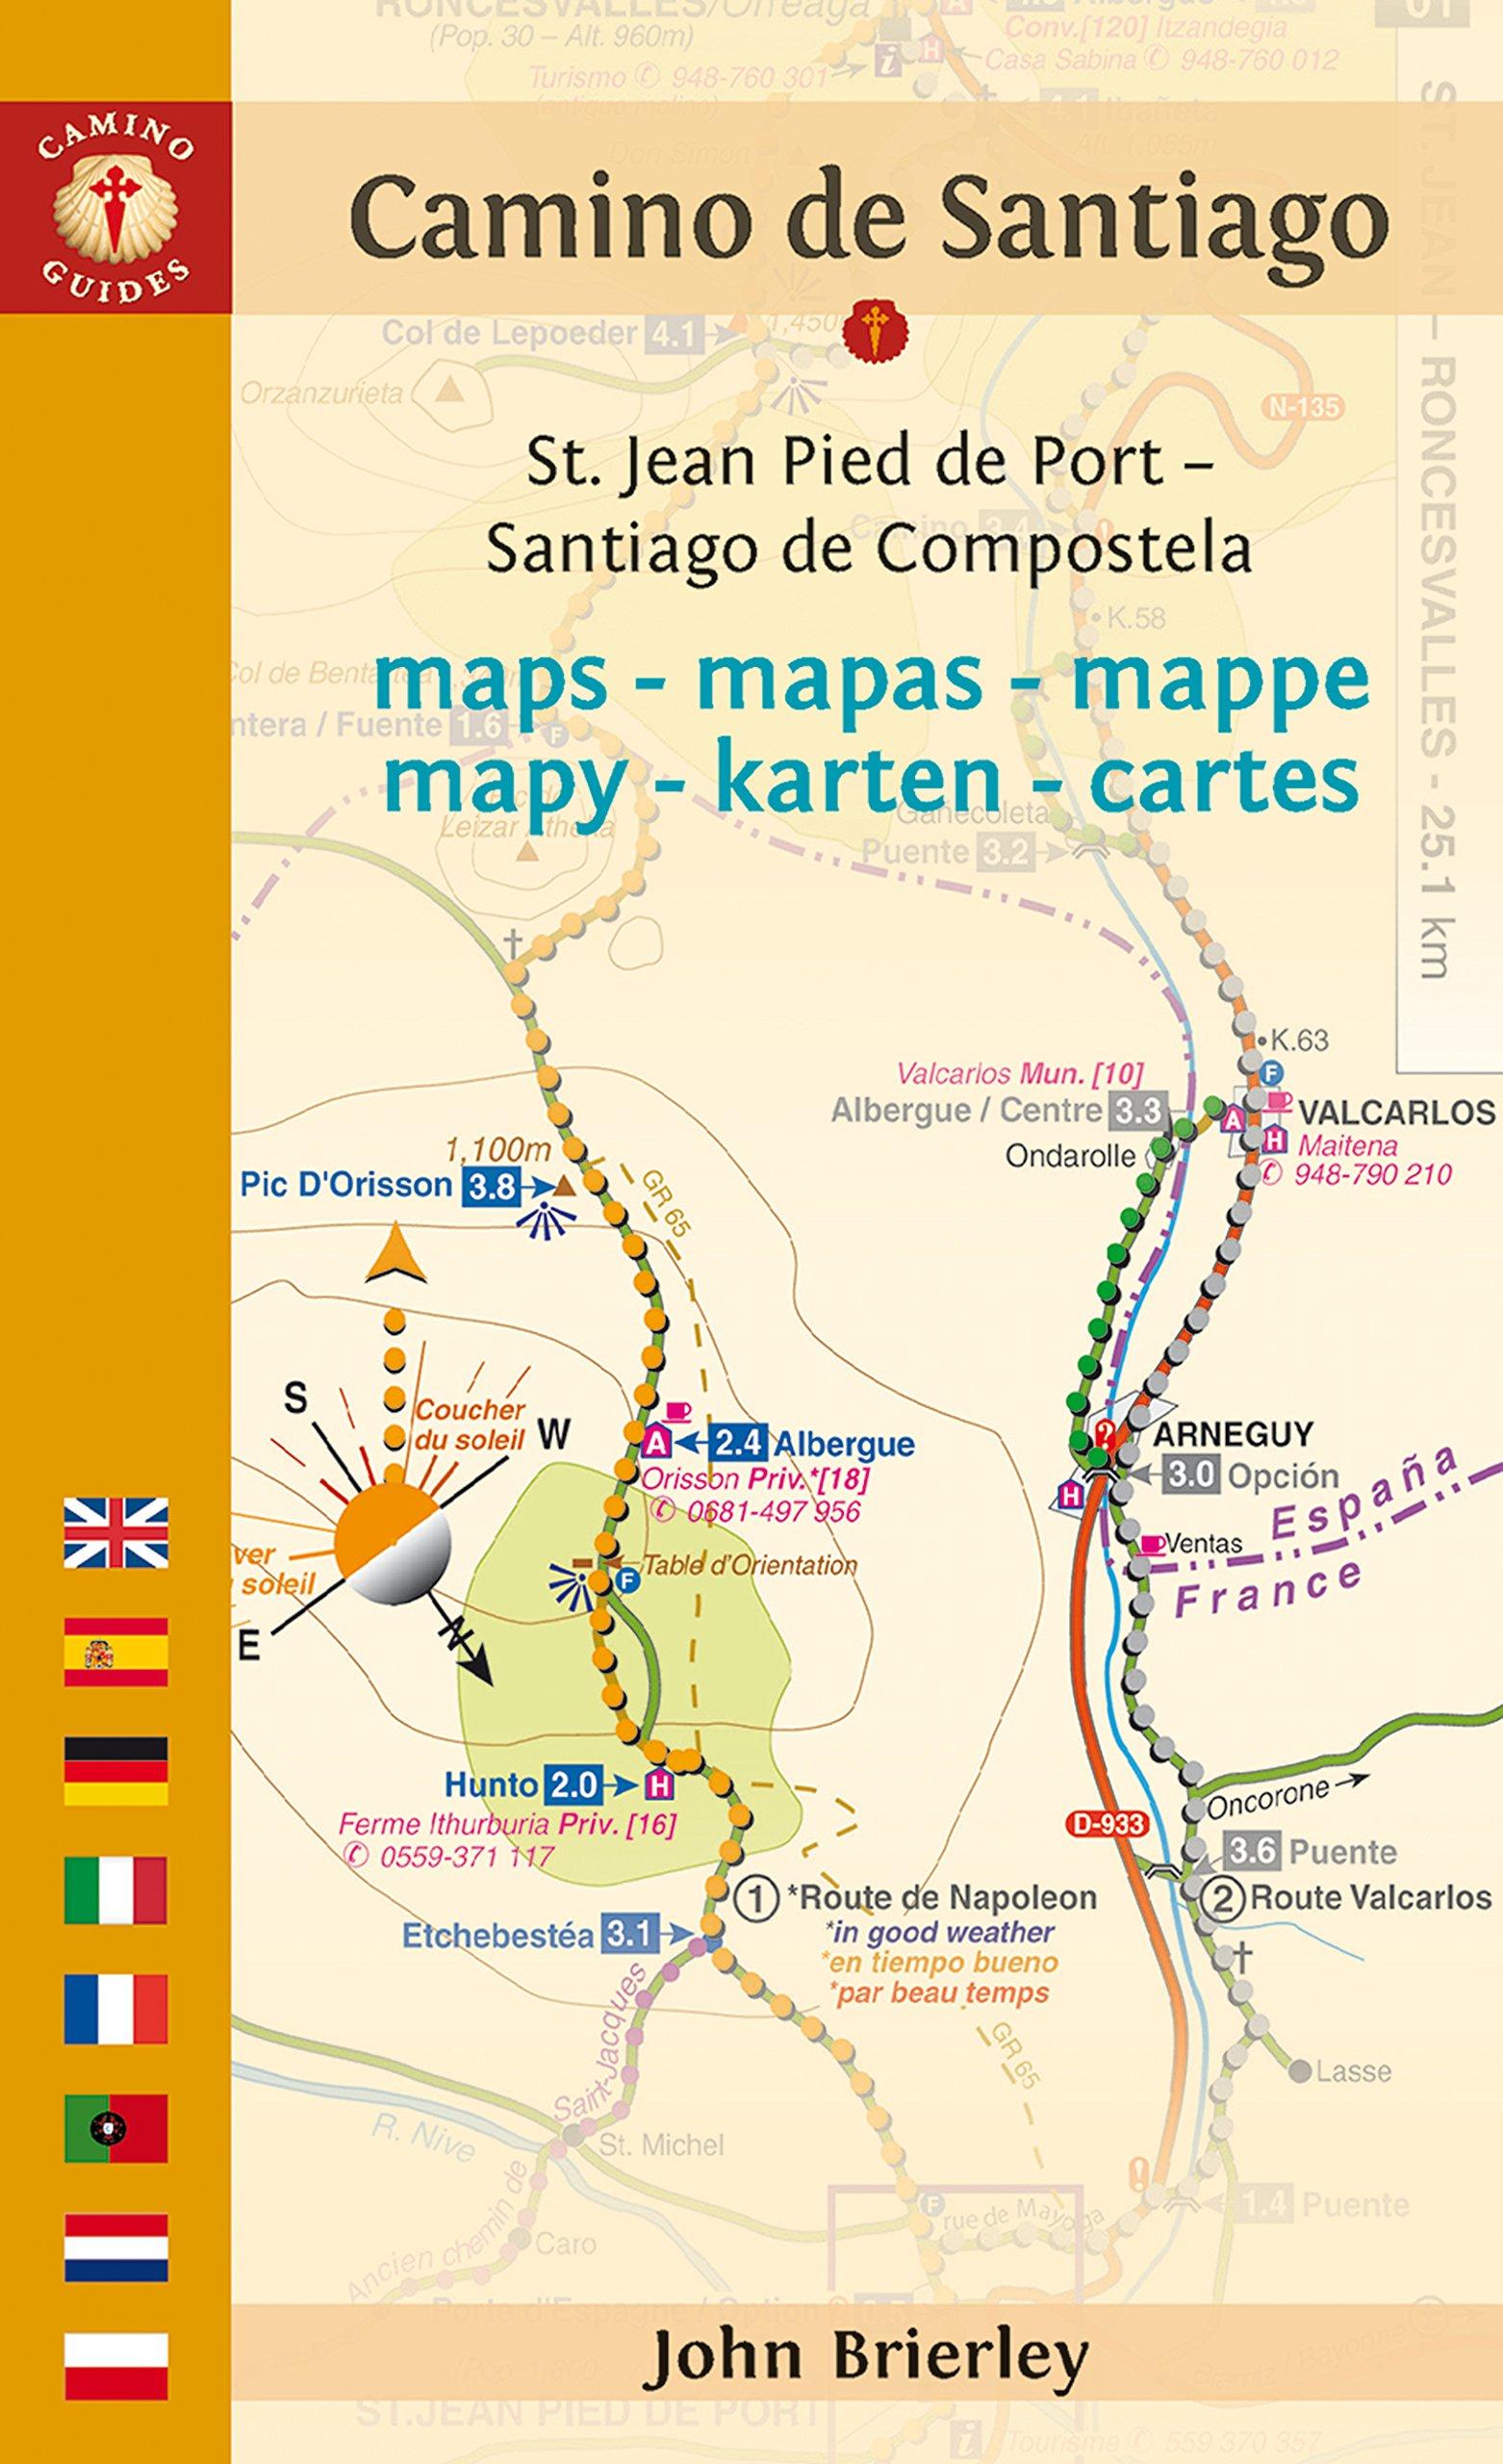 Camino Walk Spain Map.Camino De Santiago Maps St Jean Pied De Port Santiago De